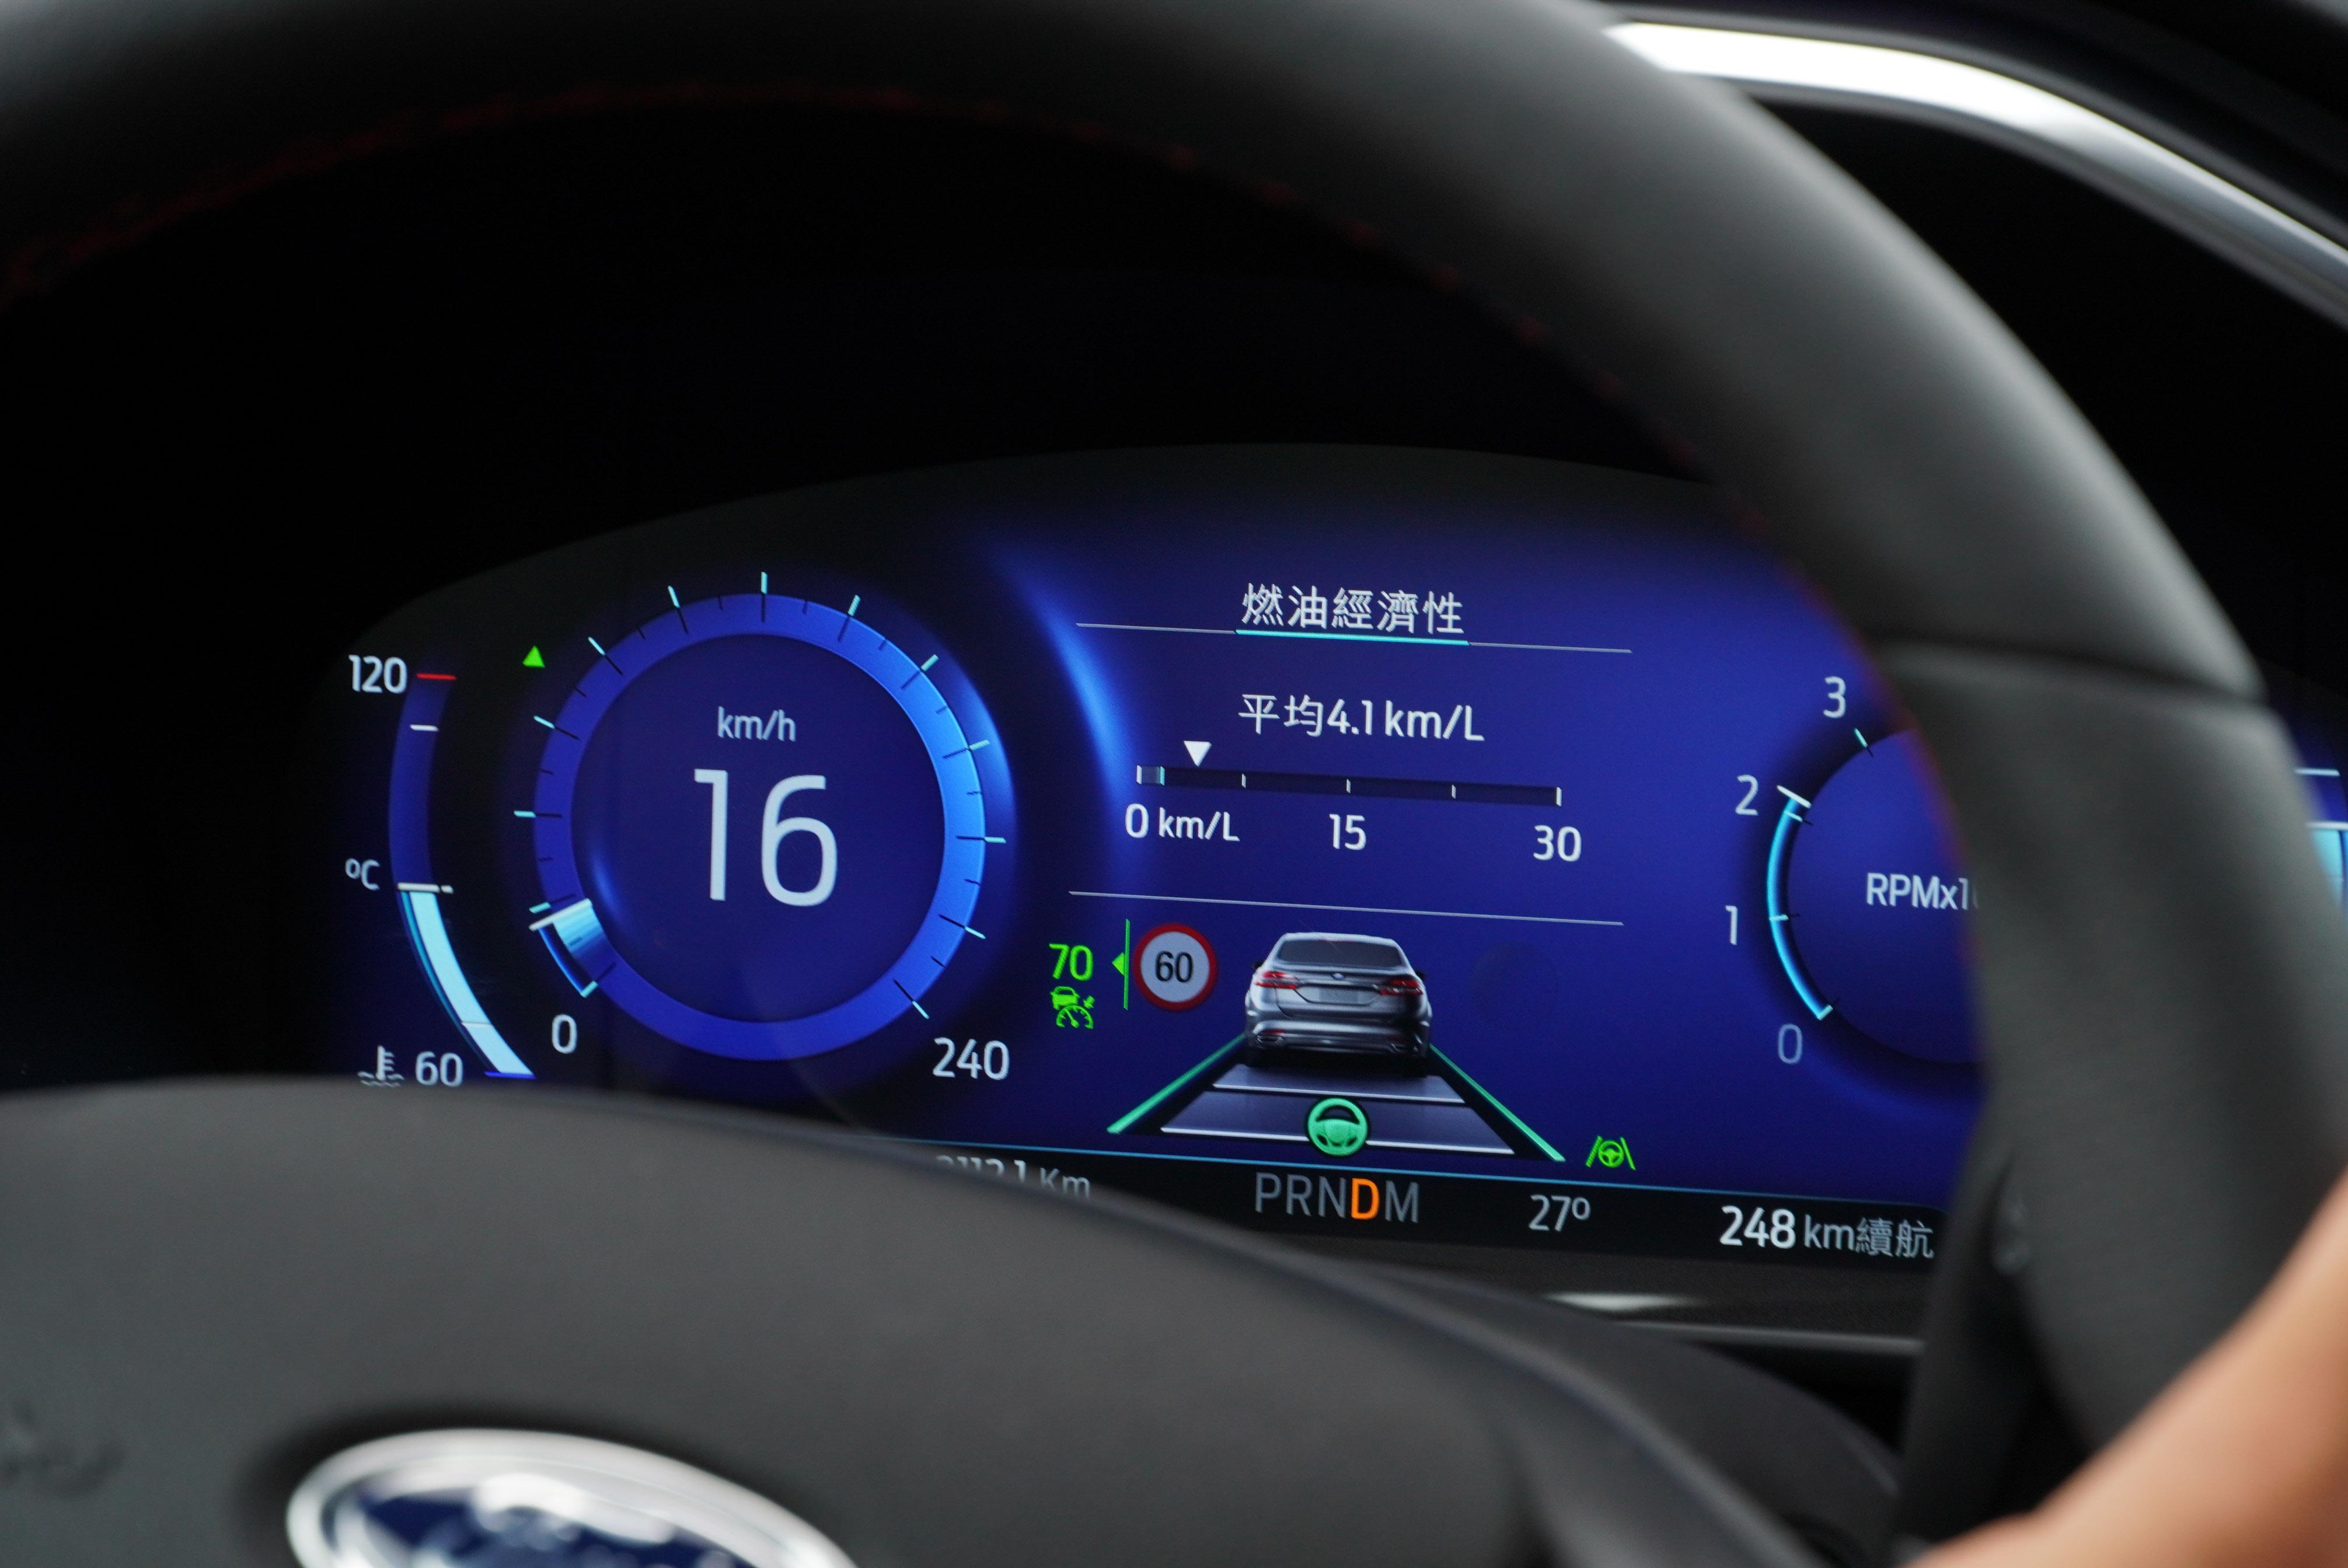 前車圖示會根據不同駕駛模式變化。